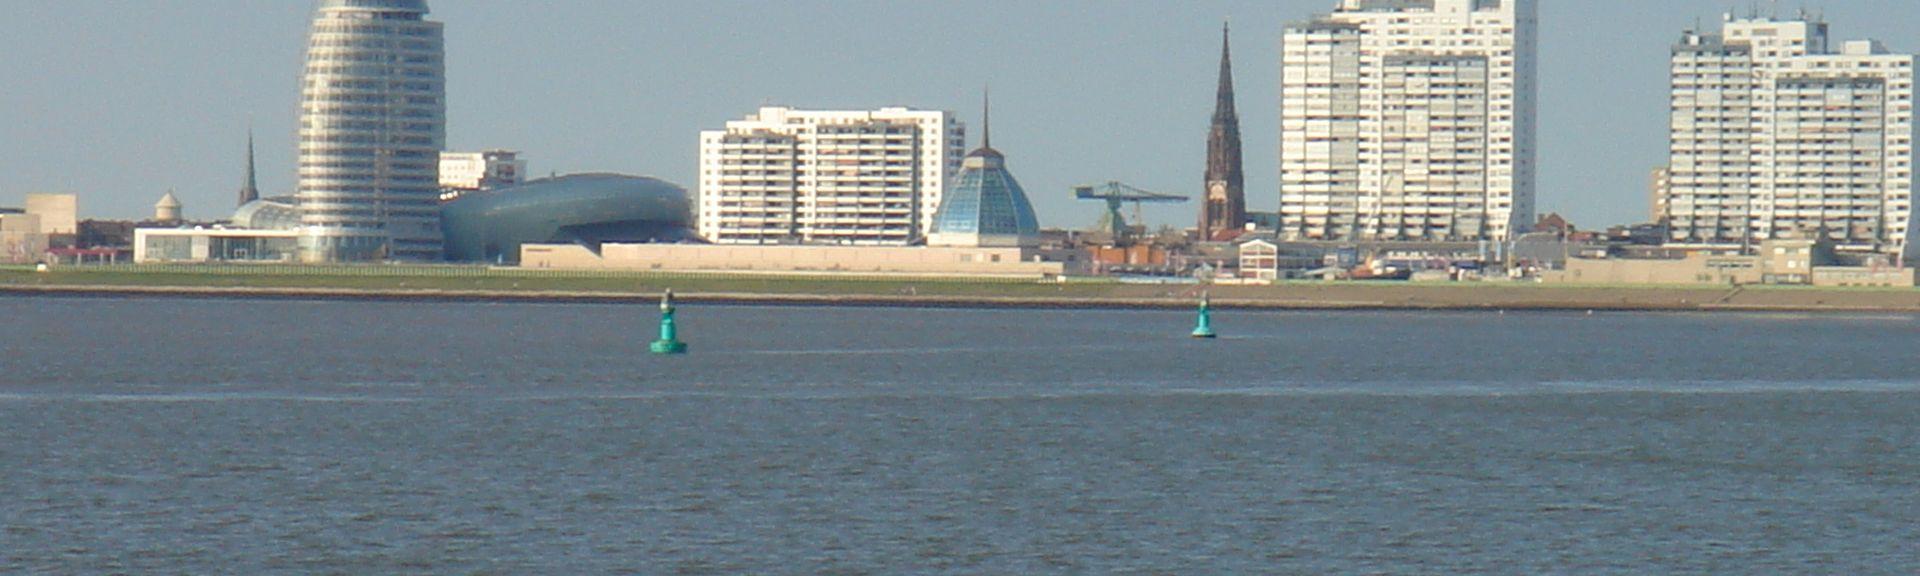 Lehe, Bremerhaven, Baja Sajonia, Alemania